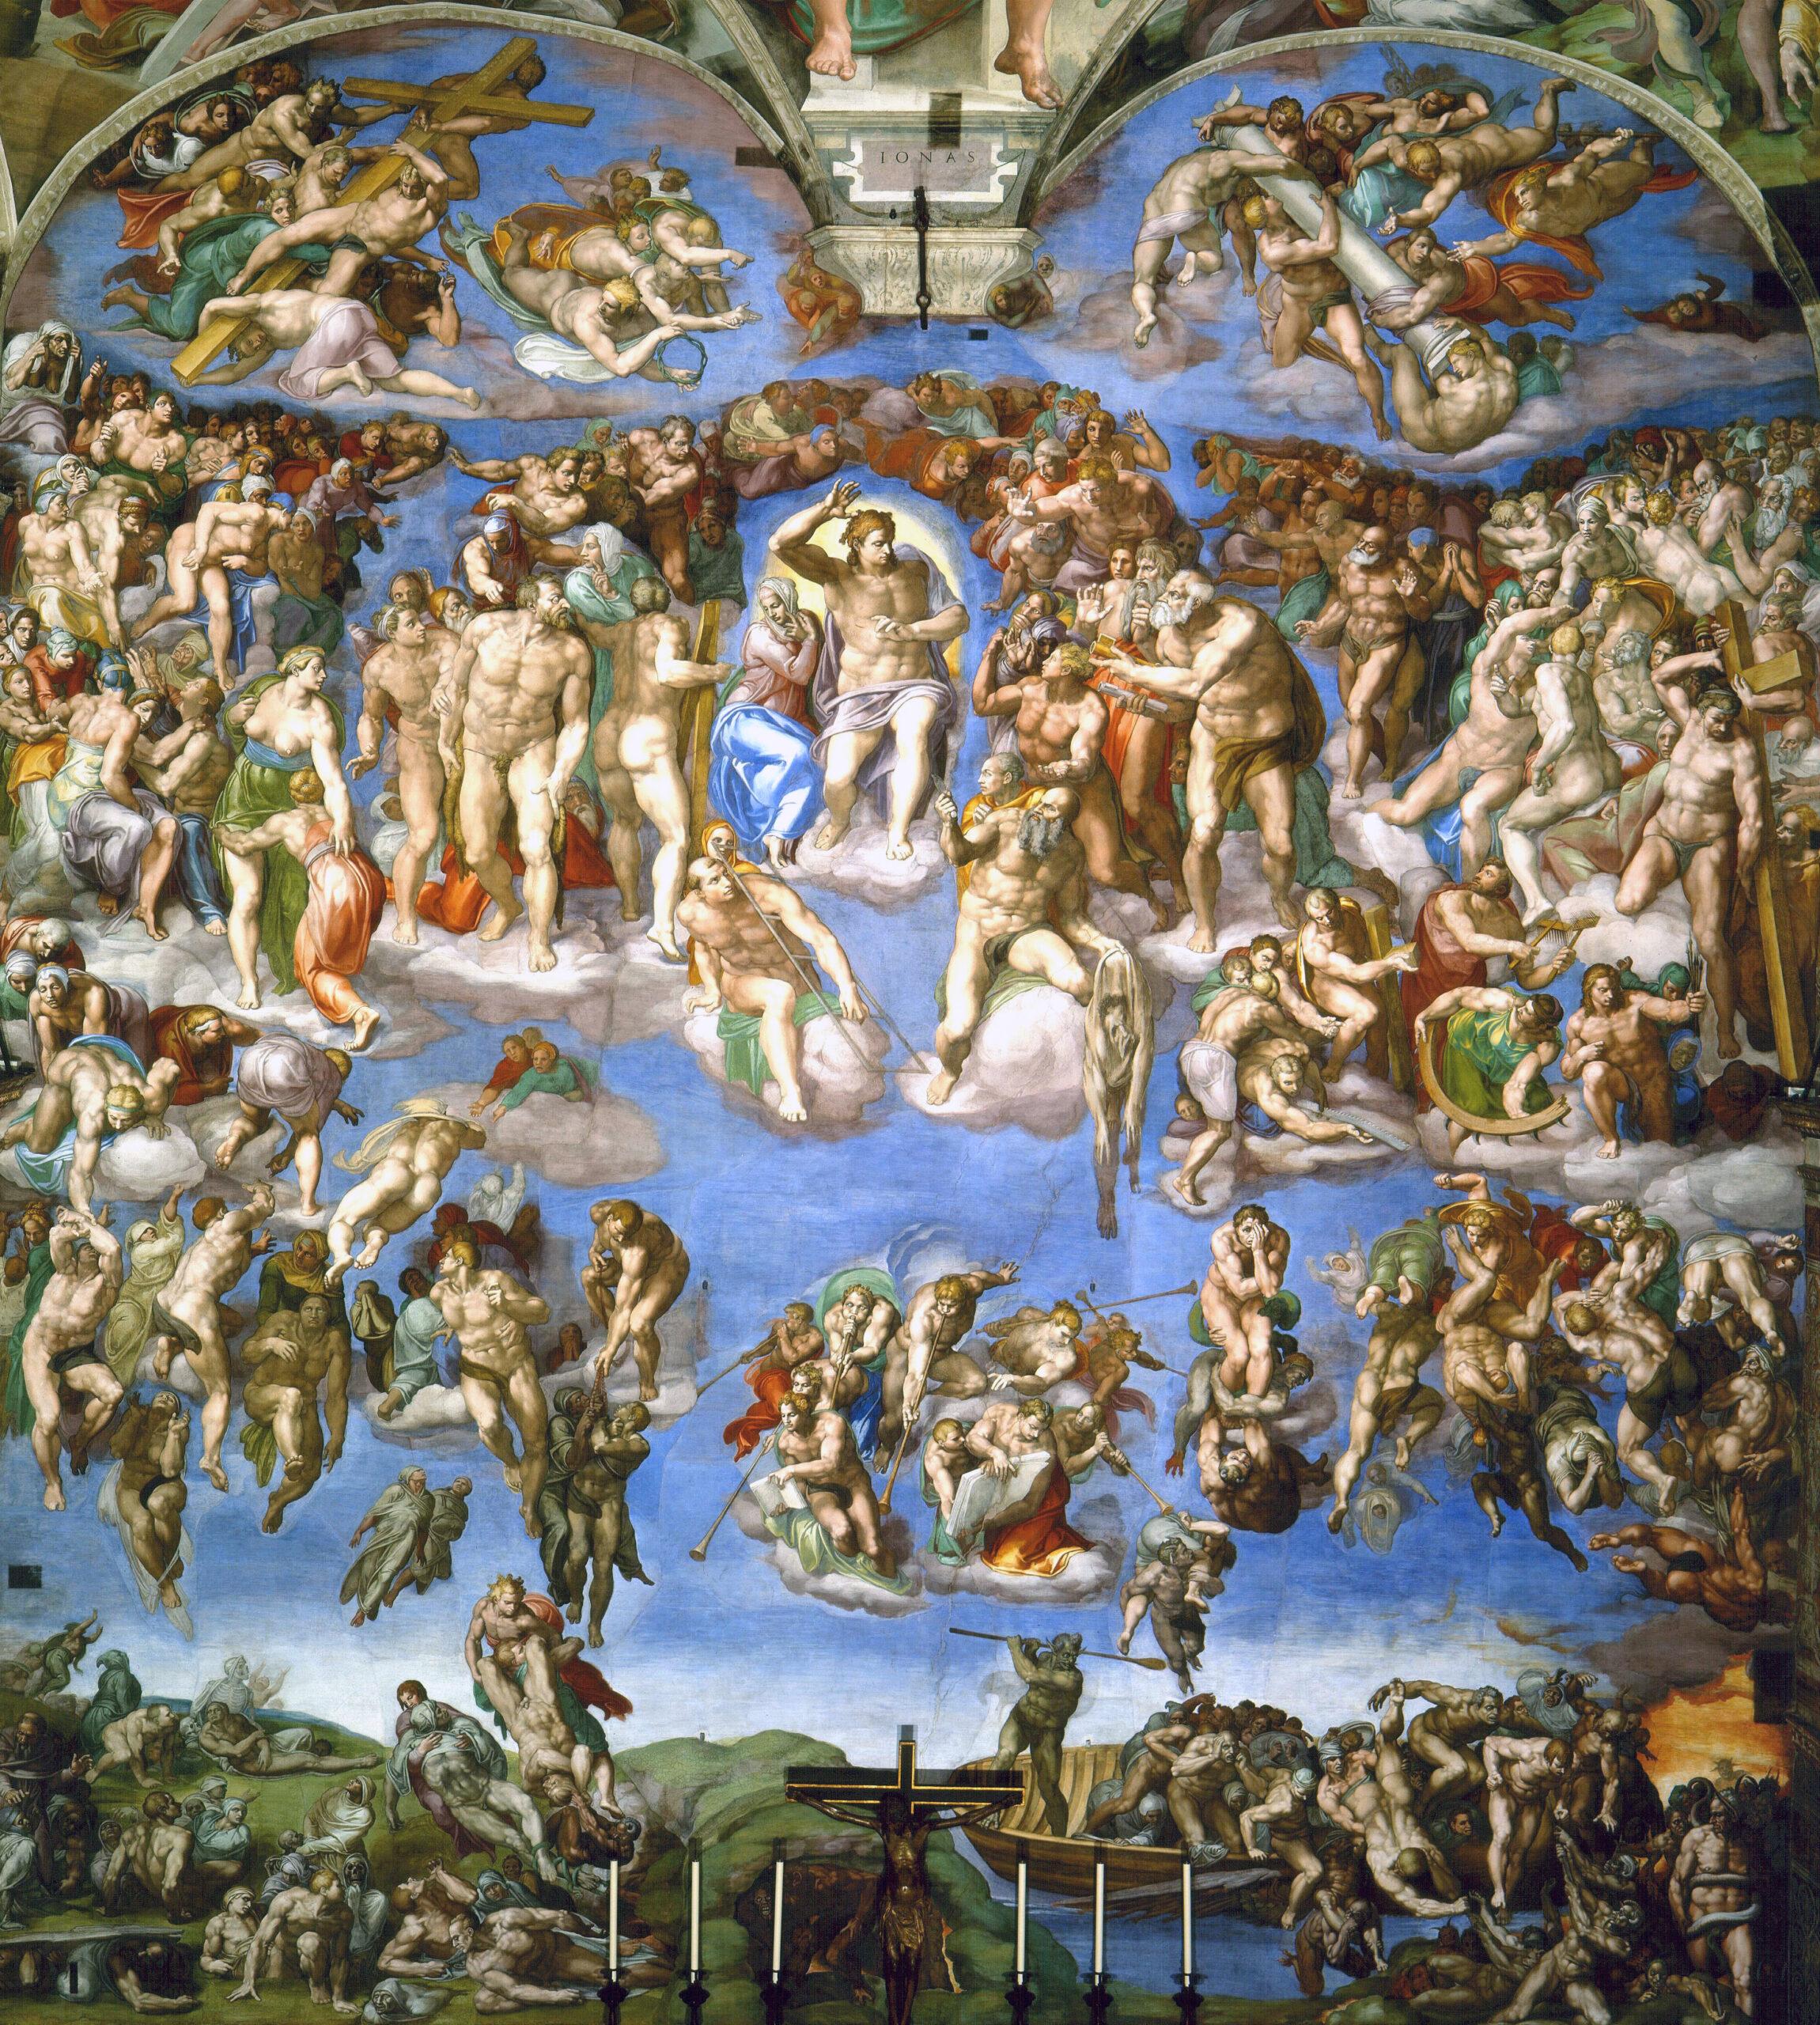 Das jüngste Gericht von Michelangelo